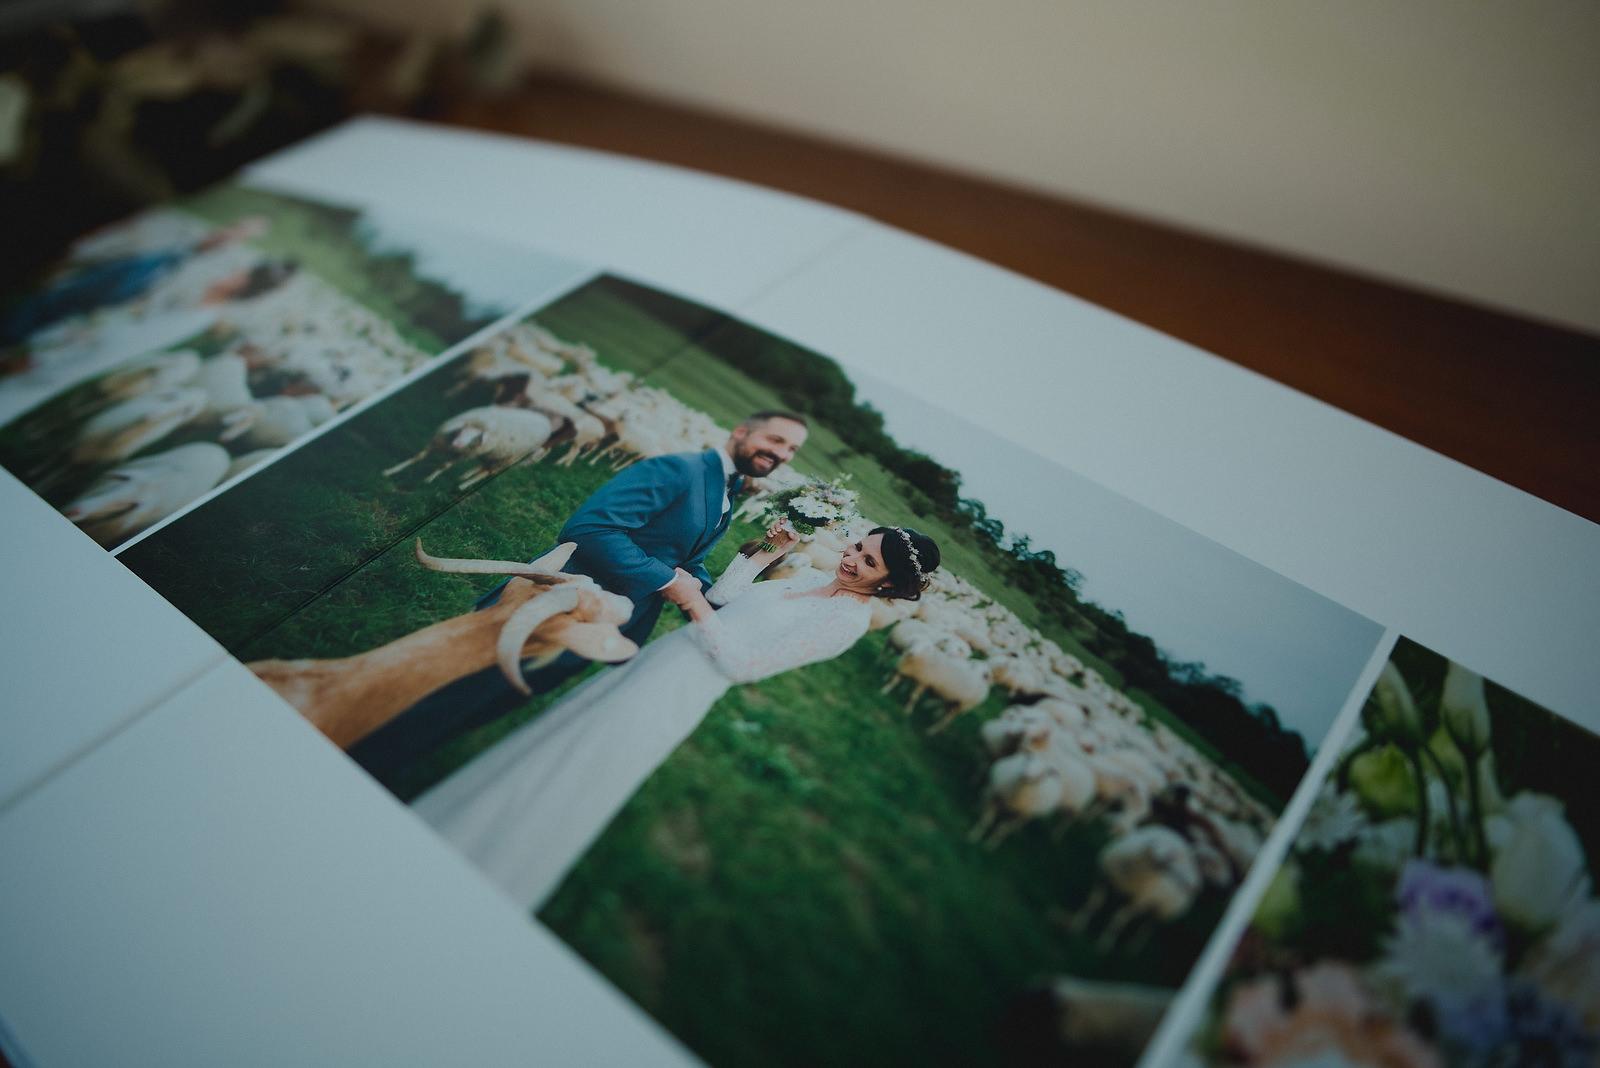 Fotograf Konstanz - Fine Art Hochzeitsalbum Album Fotoalbum EFP 20 - Wedding Albums  - 44 -